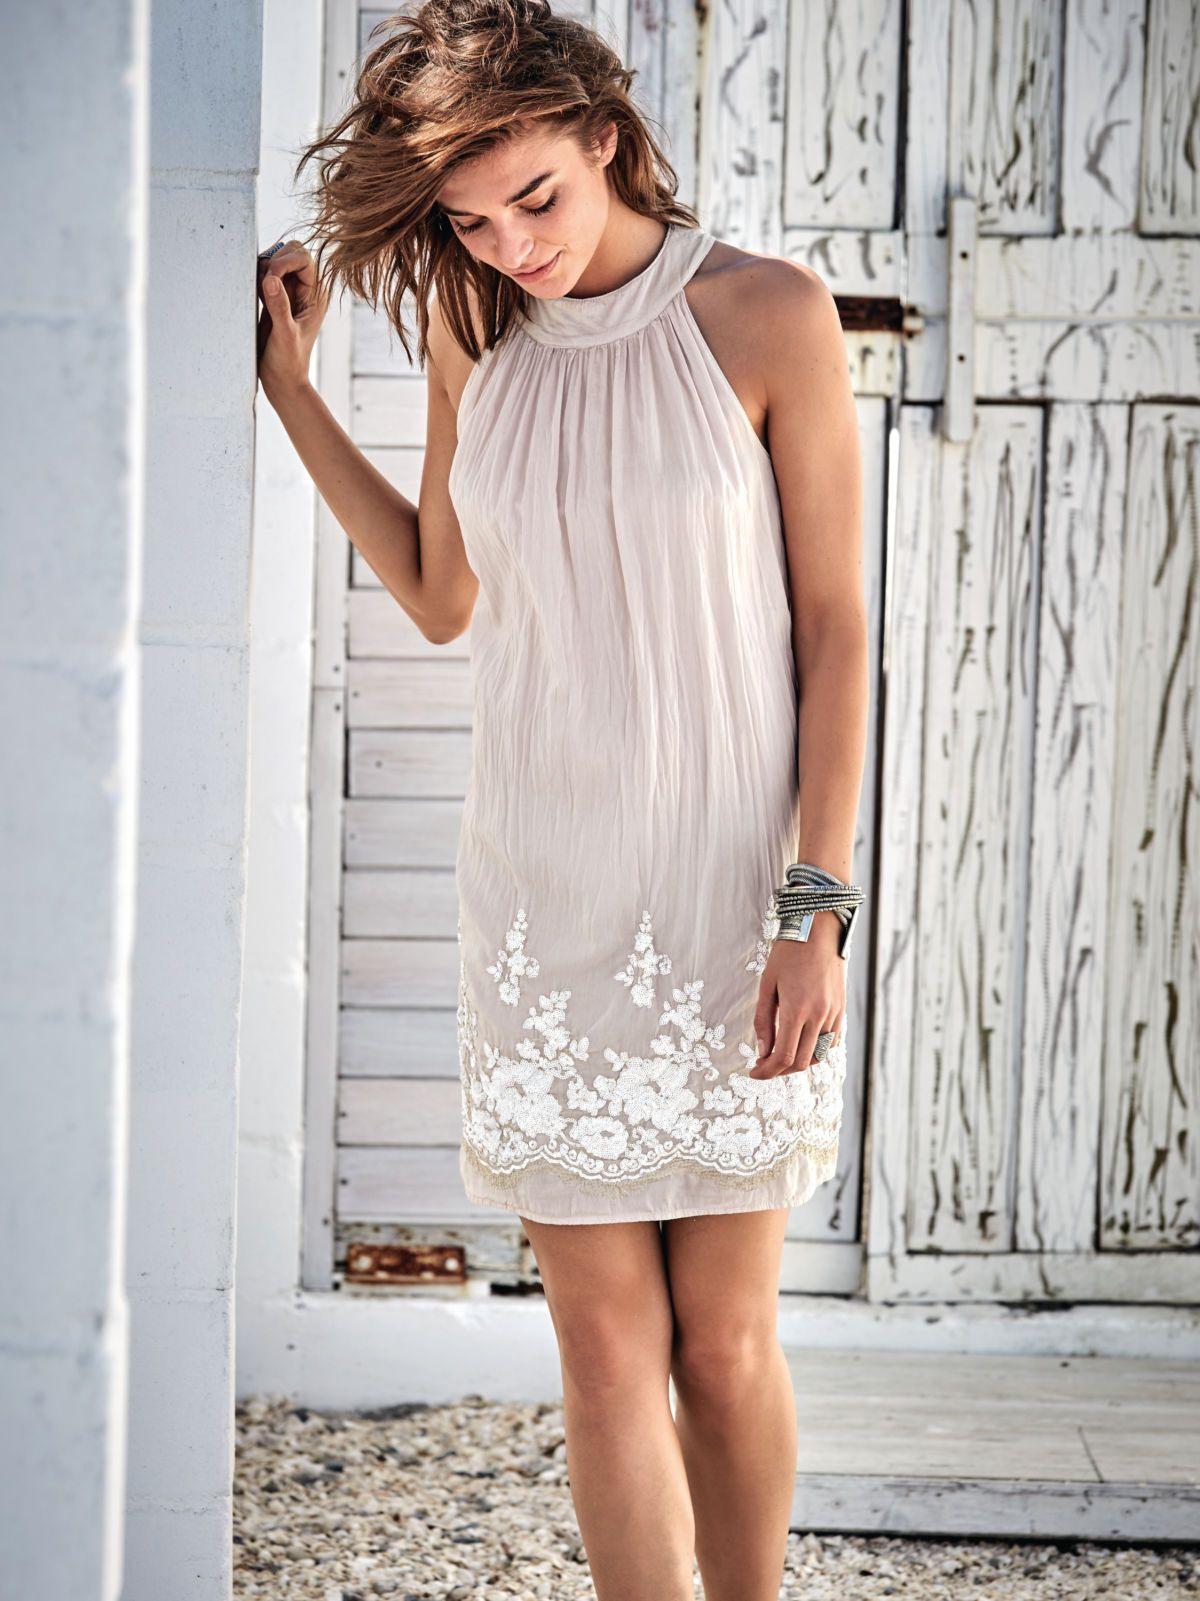 10 Einfach Edle Kleider Für Hochzeitsgäste Bester PreisFormal Elegant Edle Kleider Für Hochzeitsgäste Vertrieb